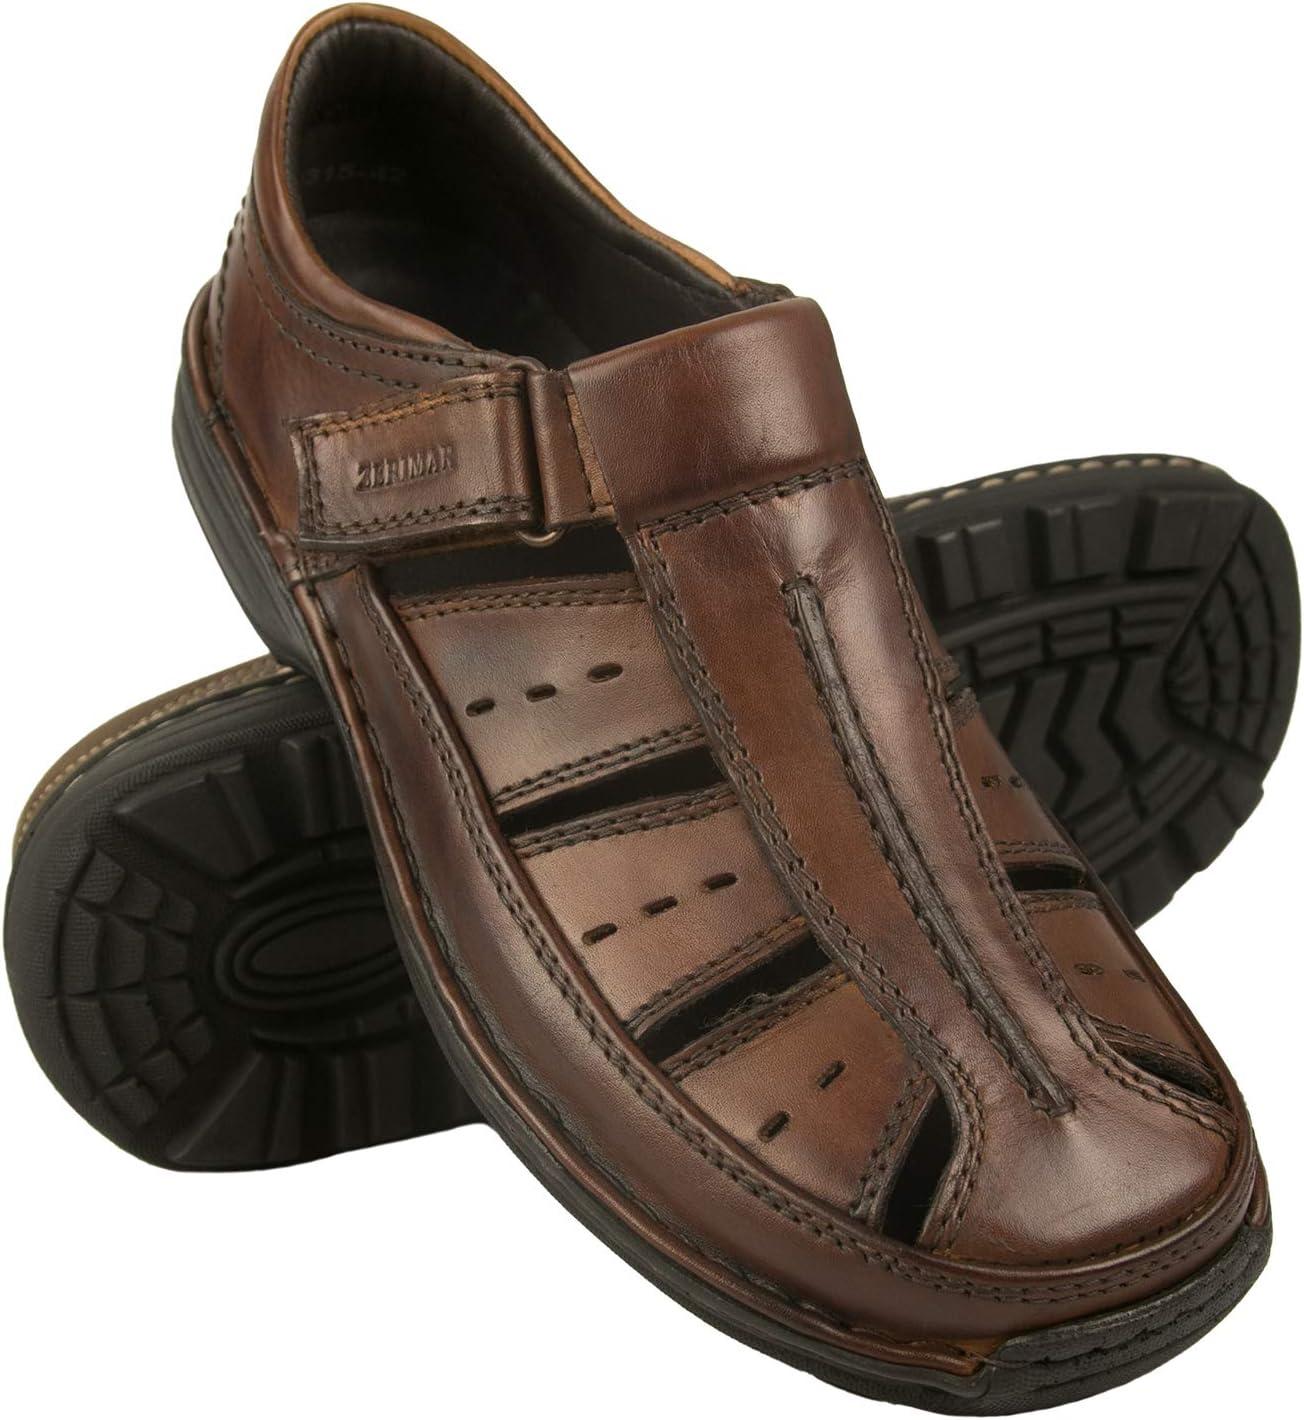 Zerimar leren sandalen | Sandalen Man | Trekkingsandalen heren | Sandalen voor heren Hiking | Leren sandalen | Zomersandalen heren Cognac